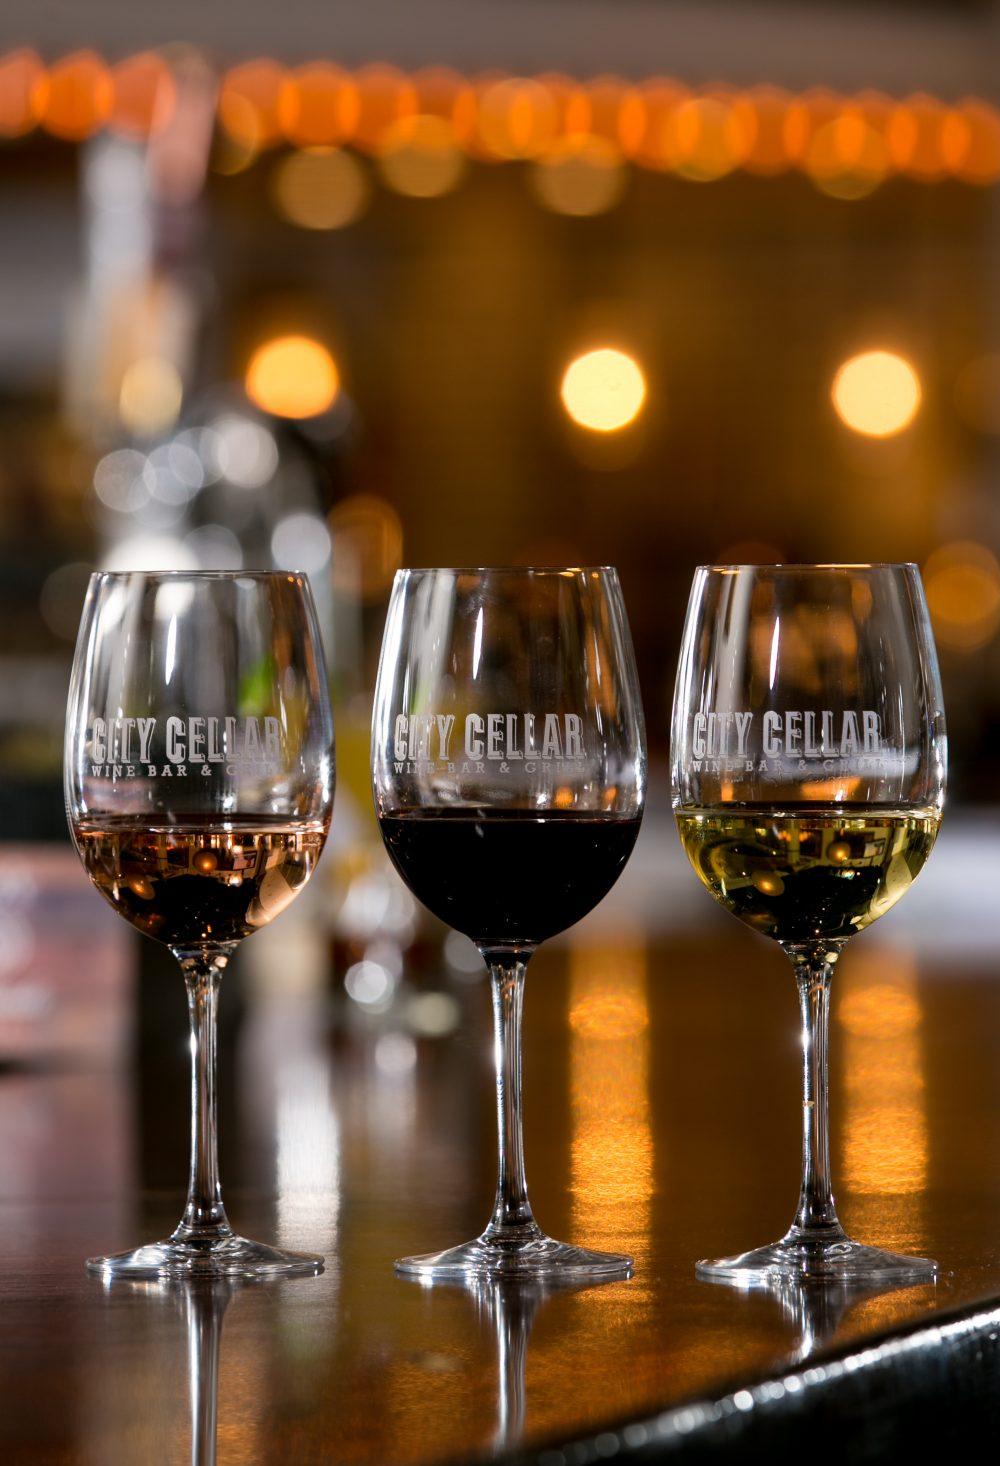 wine specials _ city cellar